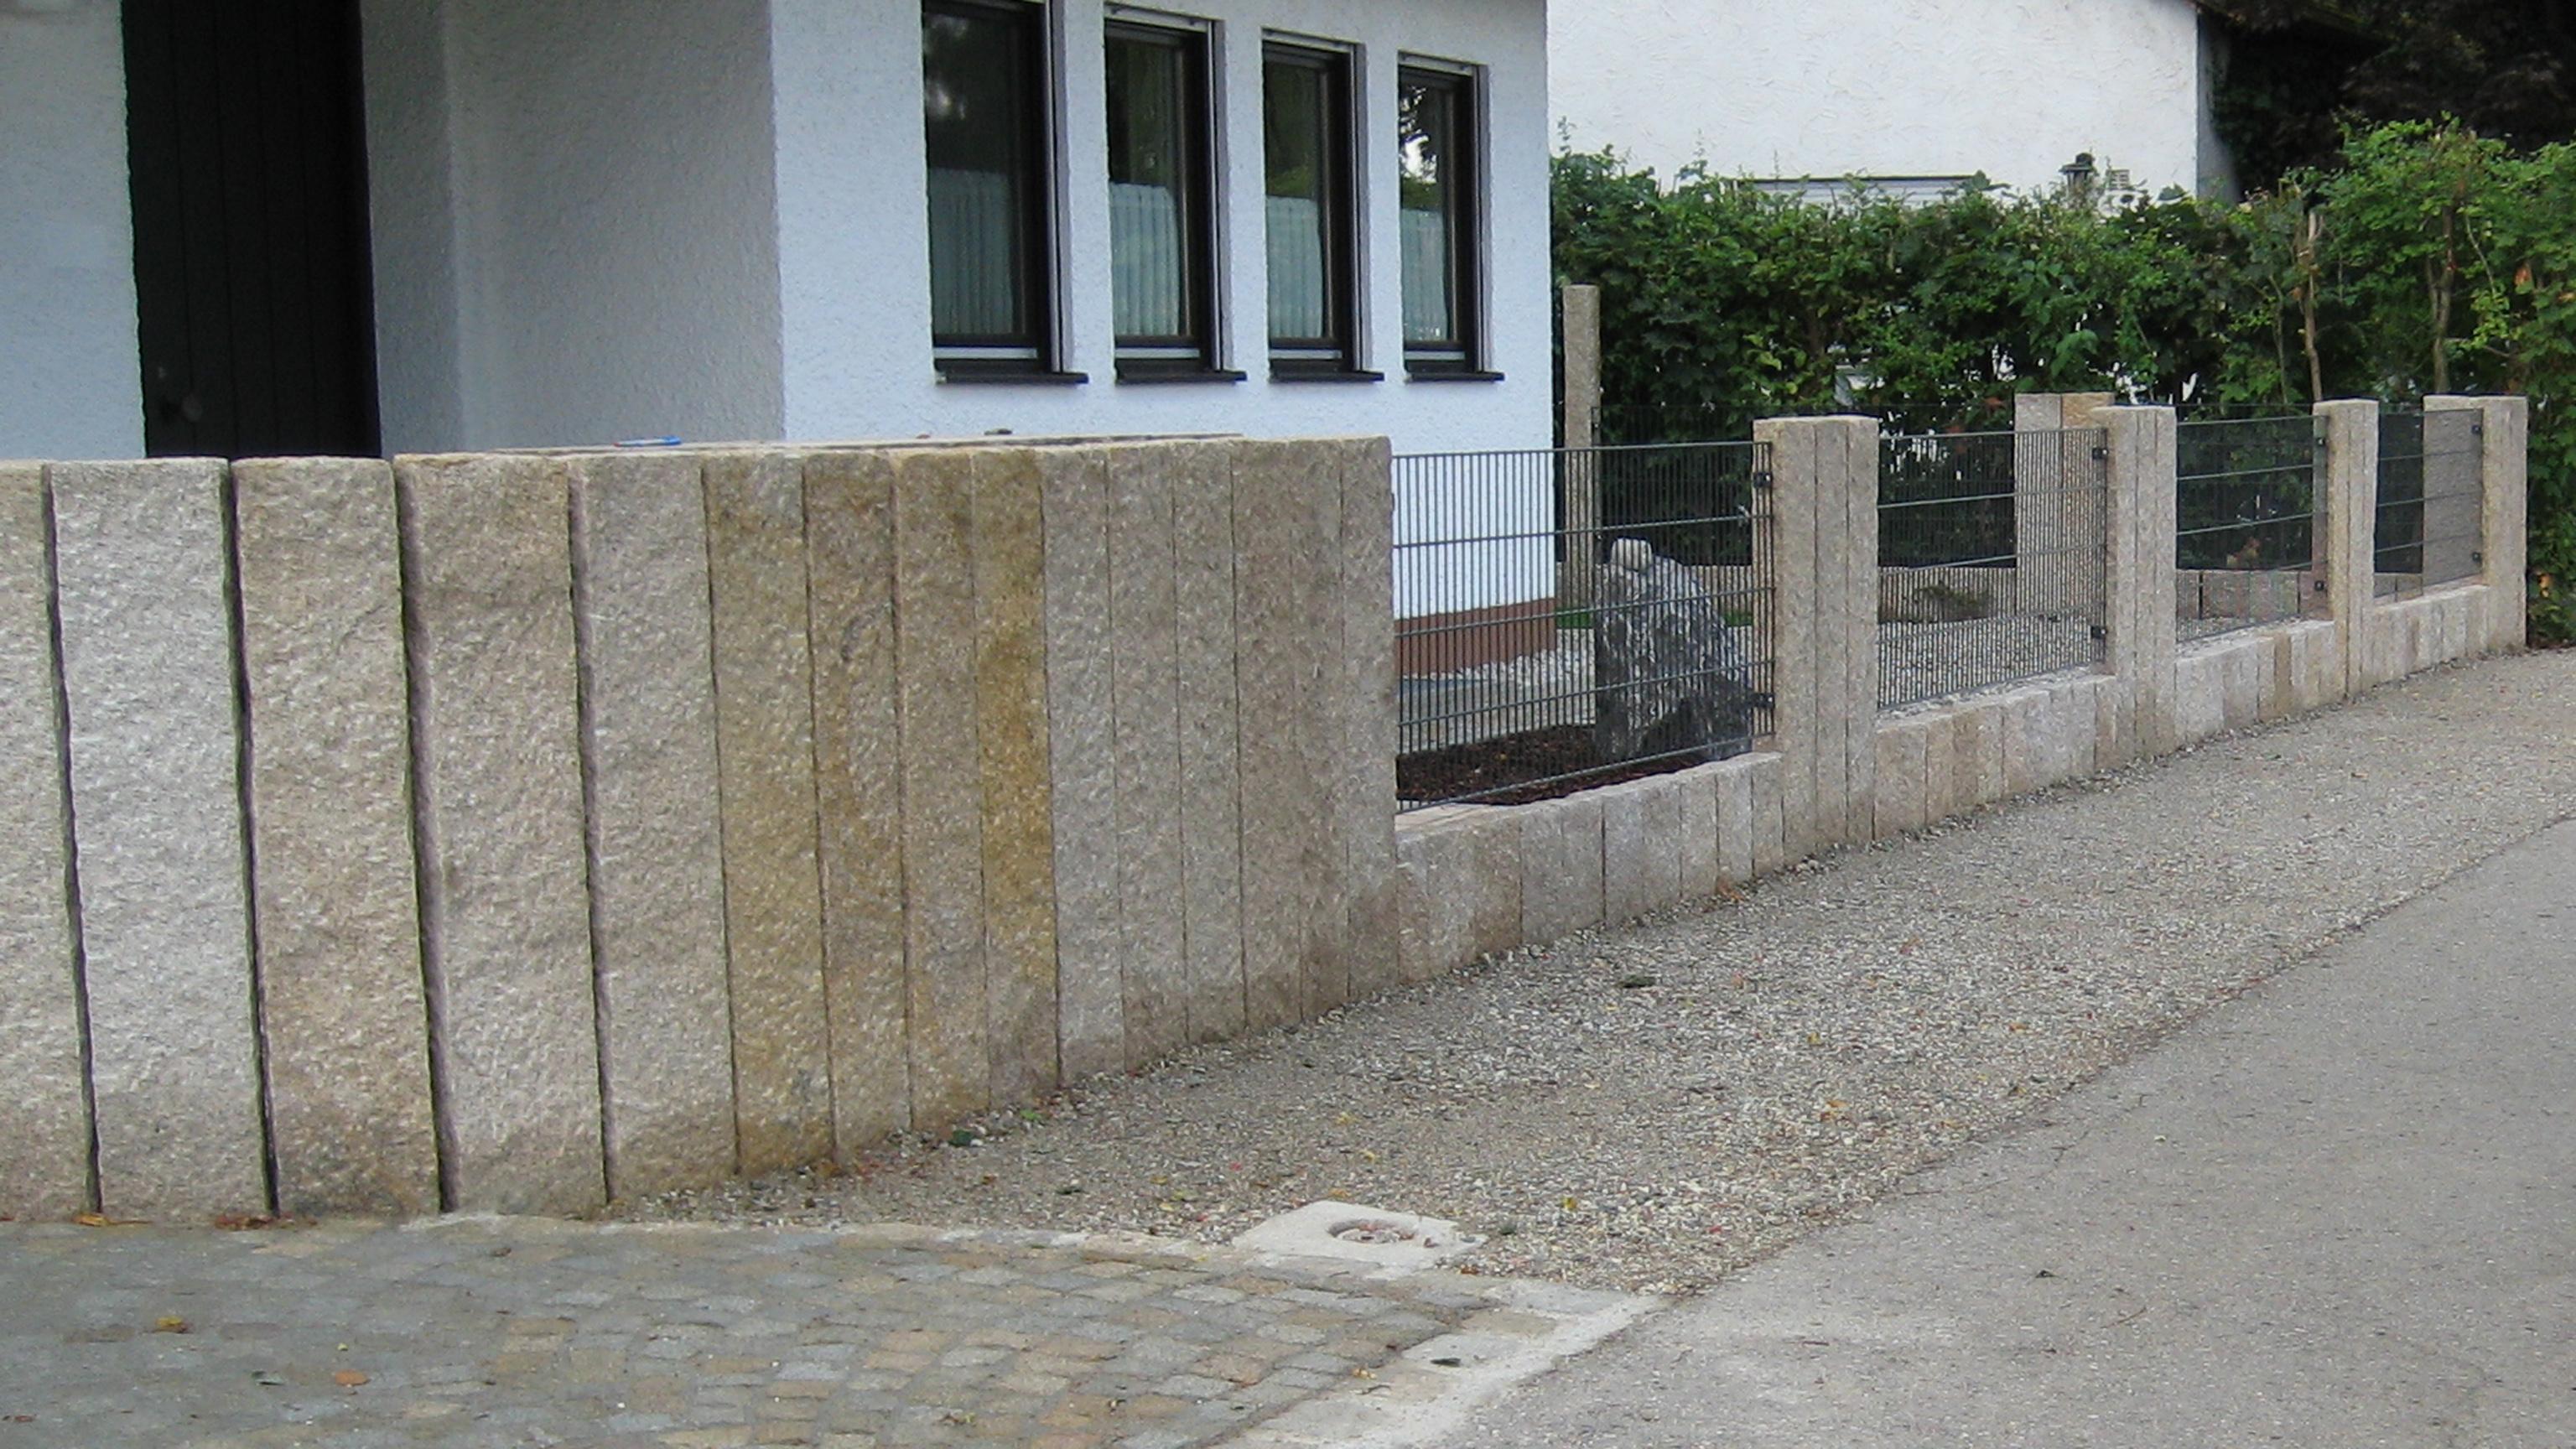 Gartenideen - Garten- und Landschaftsbau Peter Oskar in Reithofen